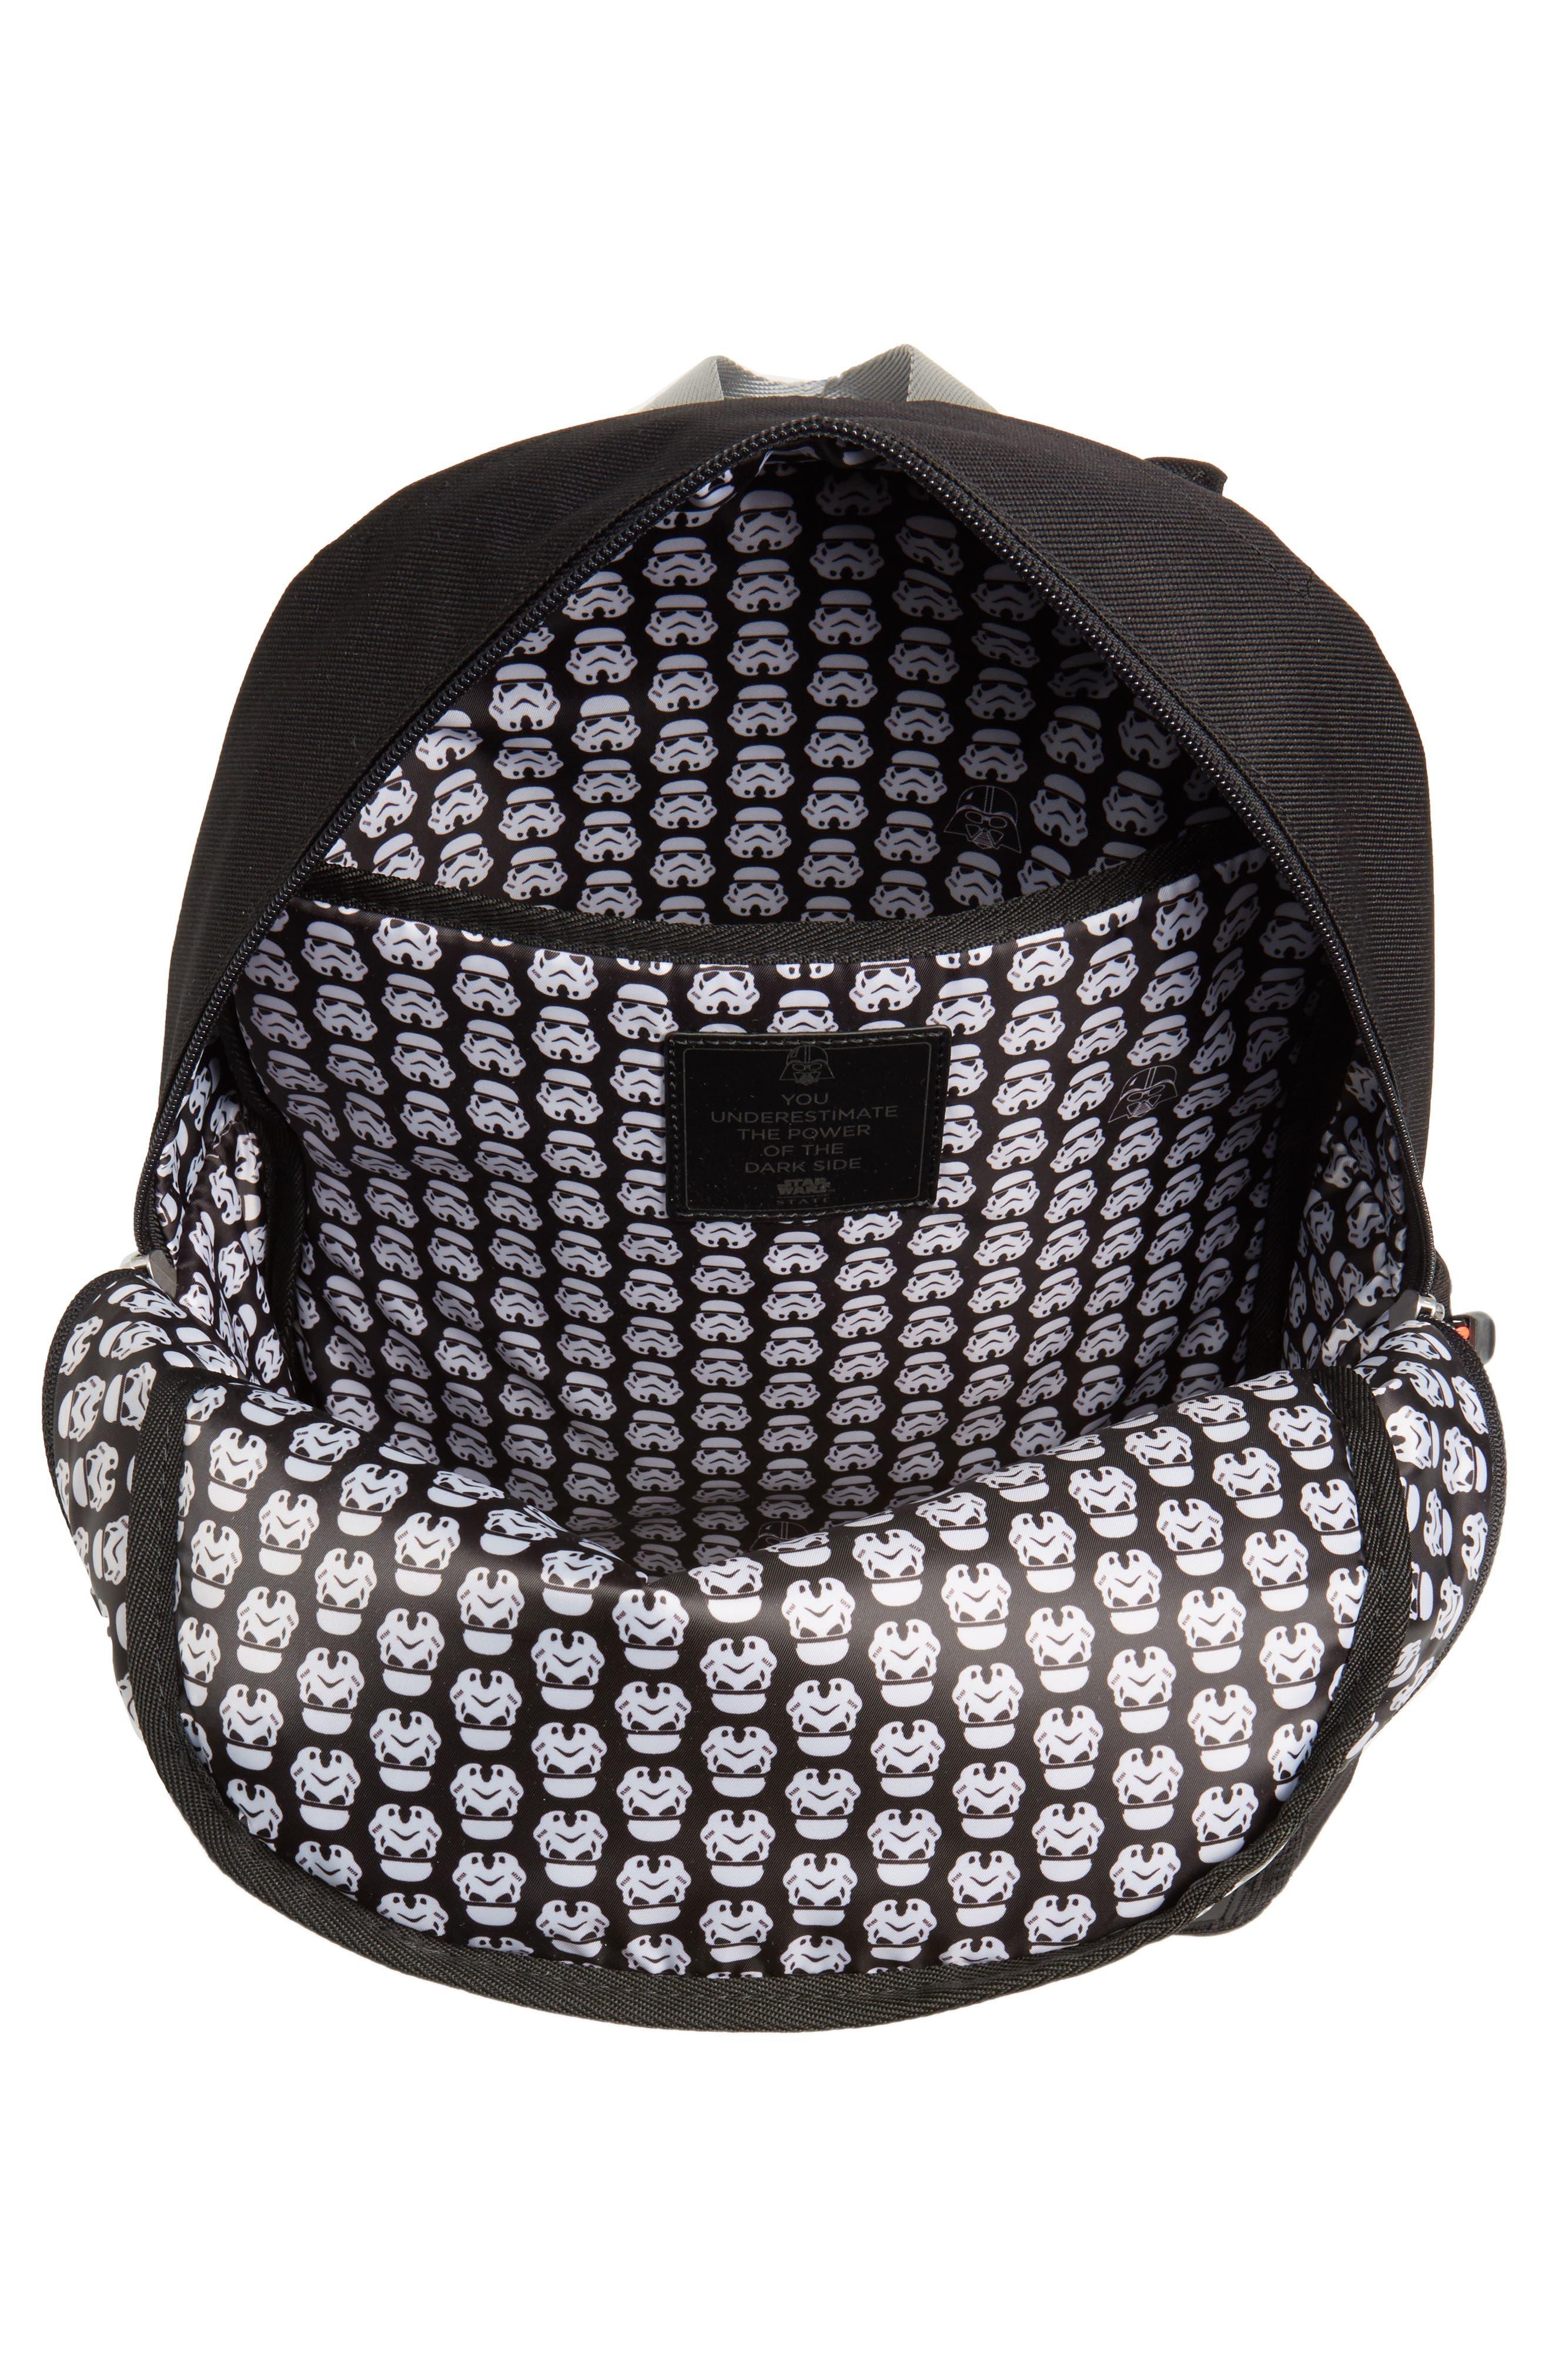 Star Wars<sup>™</sup> - Darth Vader Kane Backpack,                             Alternate thumbnail 4, color,                             Black/ Gray